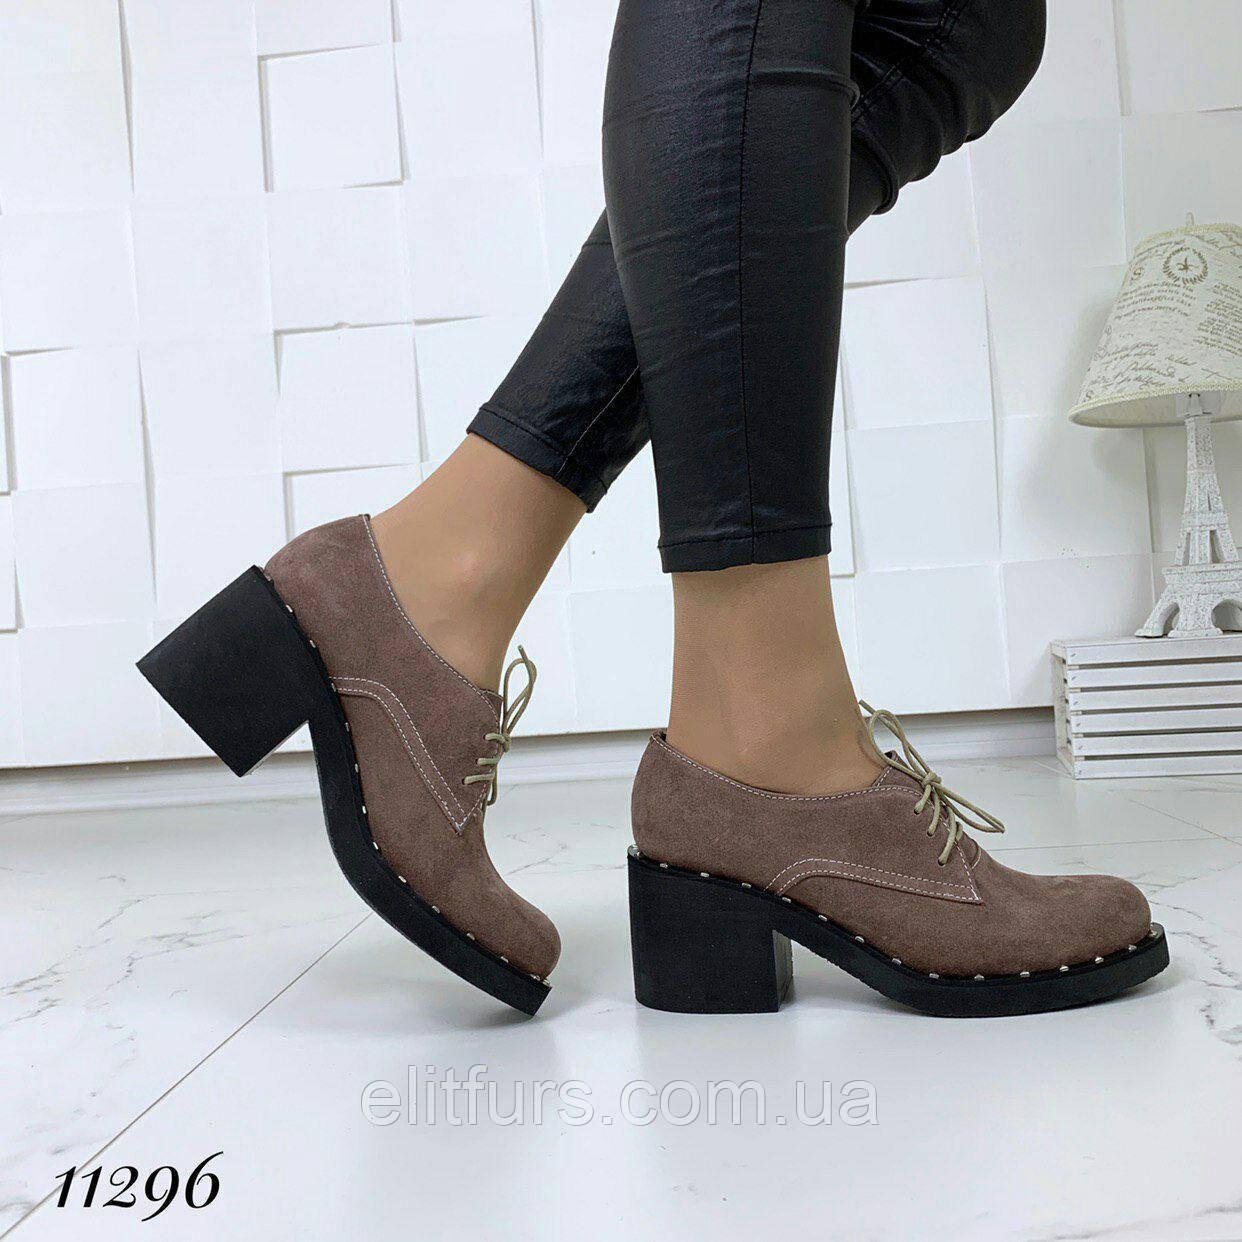 ab81e174 Купить Туфли со шнуровкой на каблуке, нат. замша кофе в Одесской ...